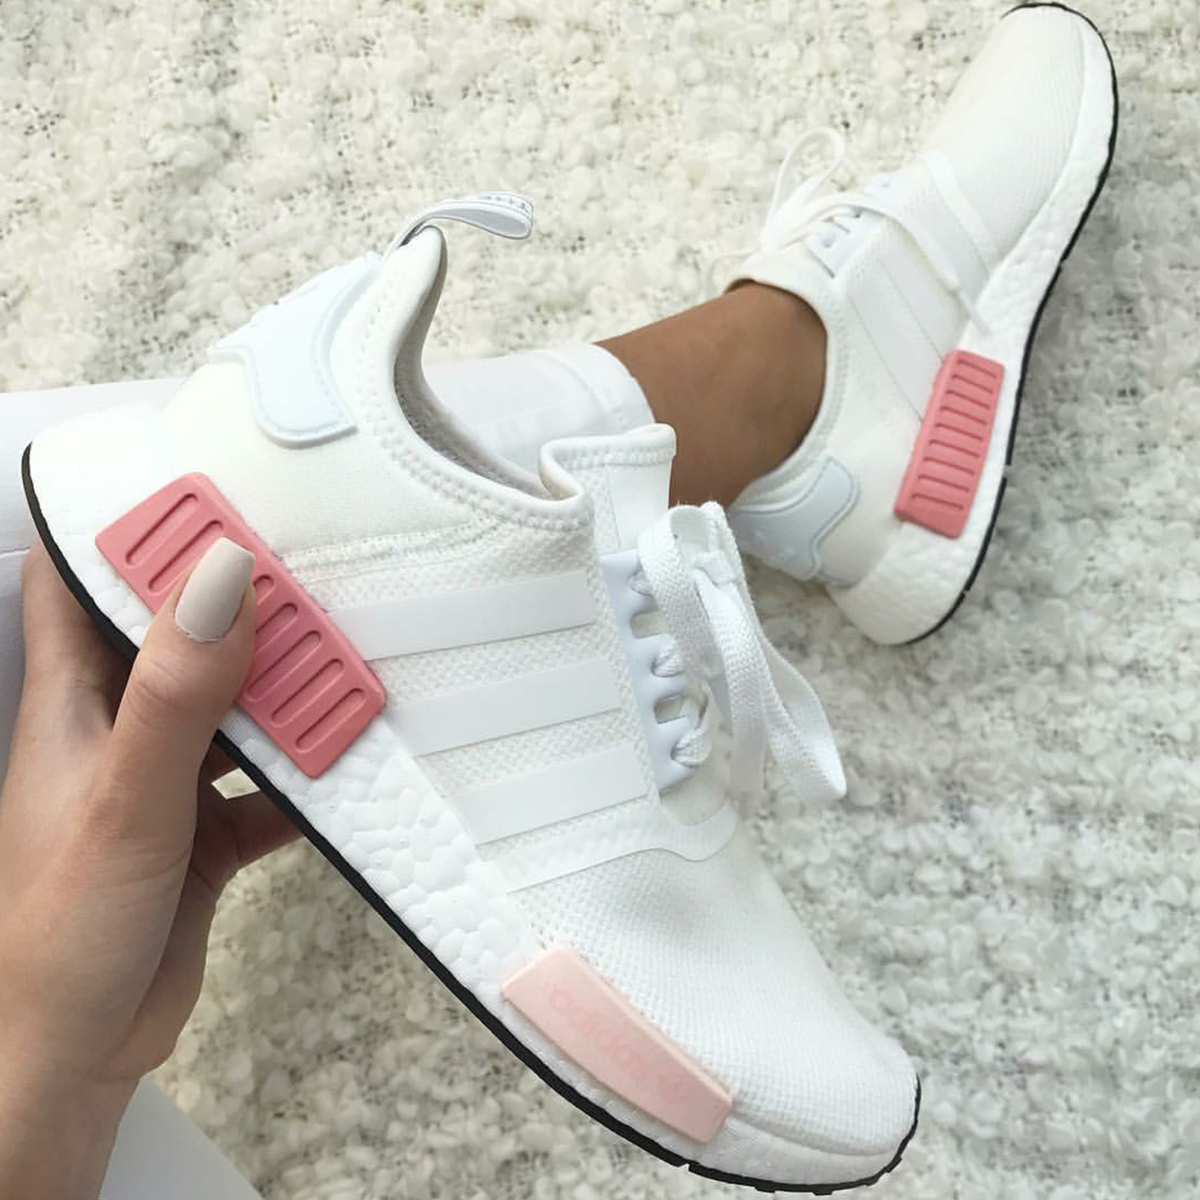 adidas originals nmd in wei pink white pink foto von. Black Bedroom Furniture Sets. Home Design Ideas